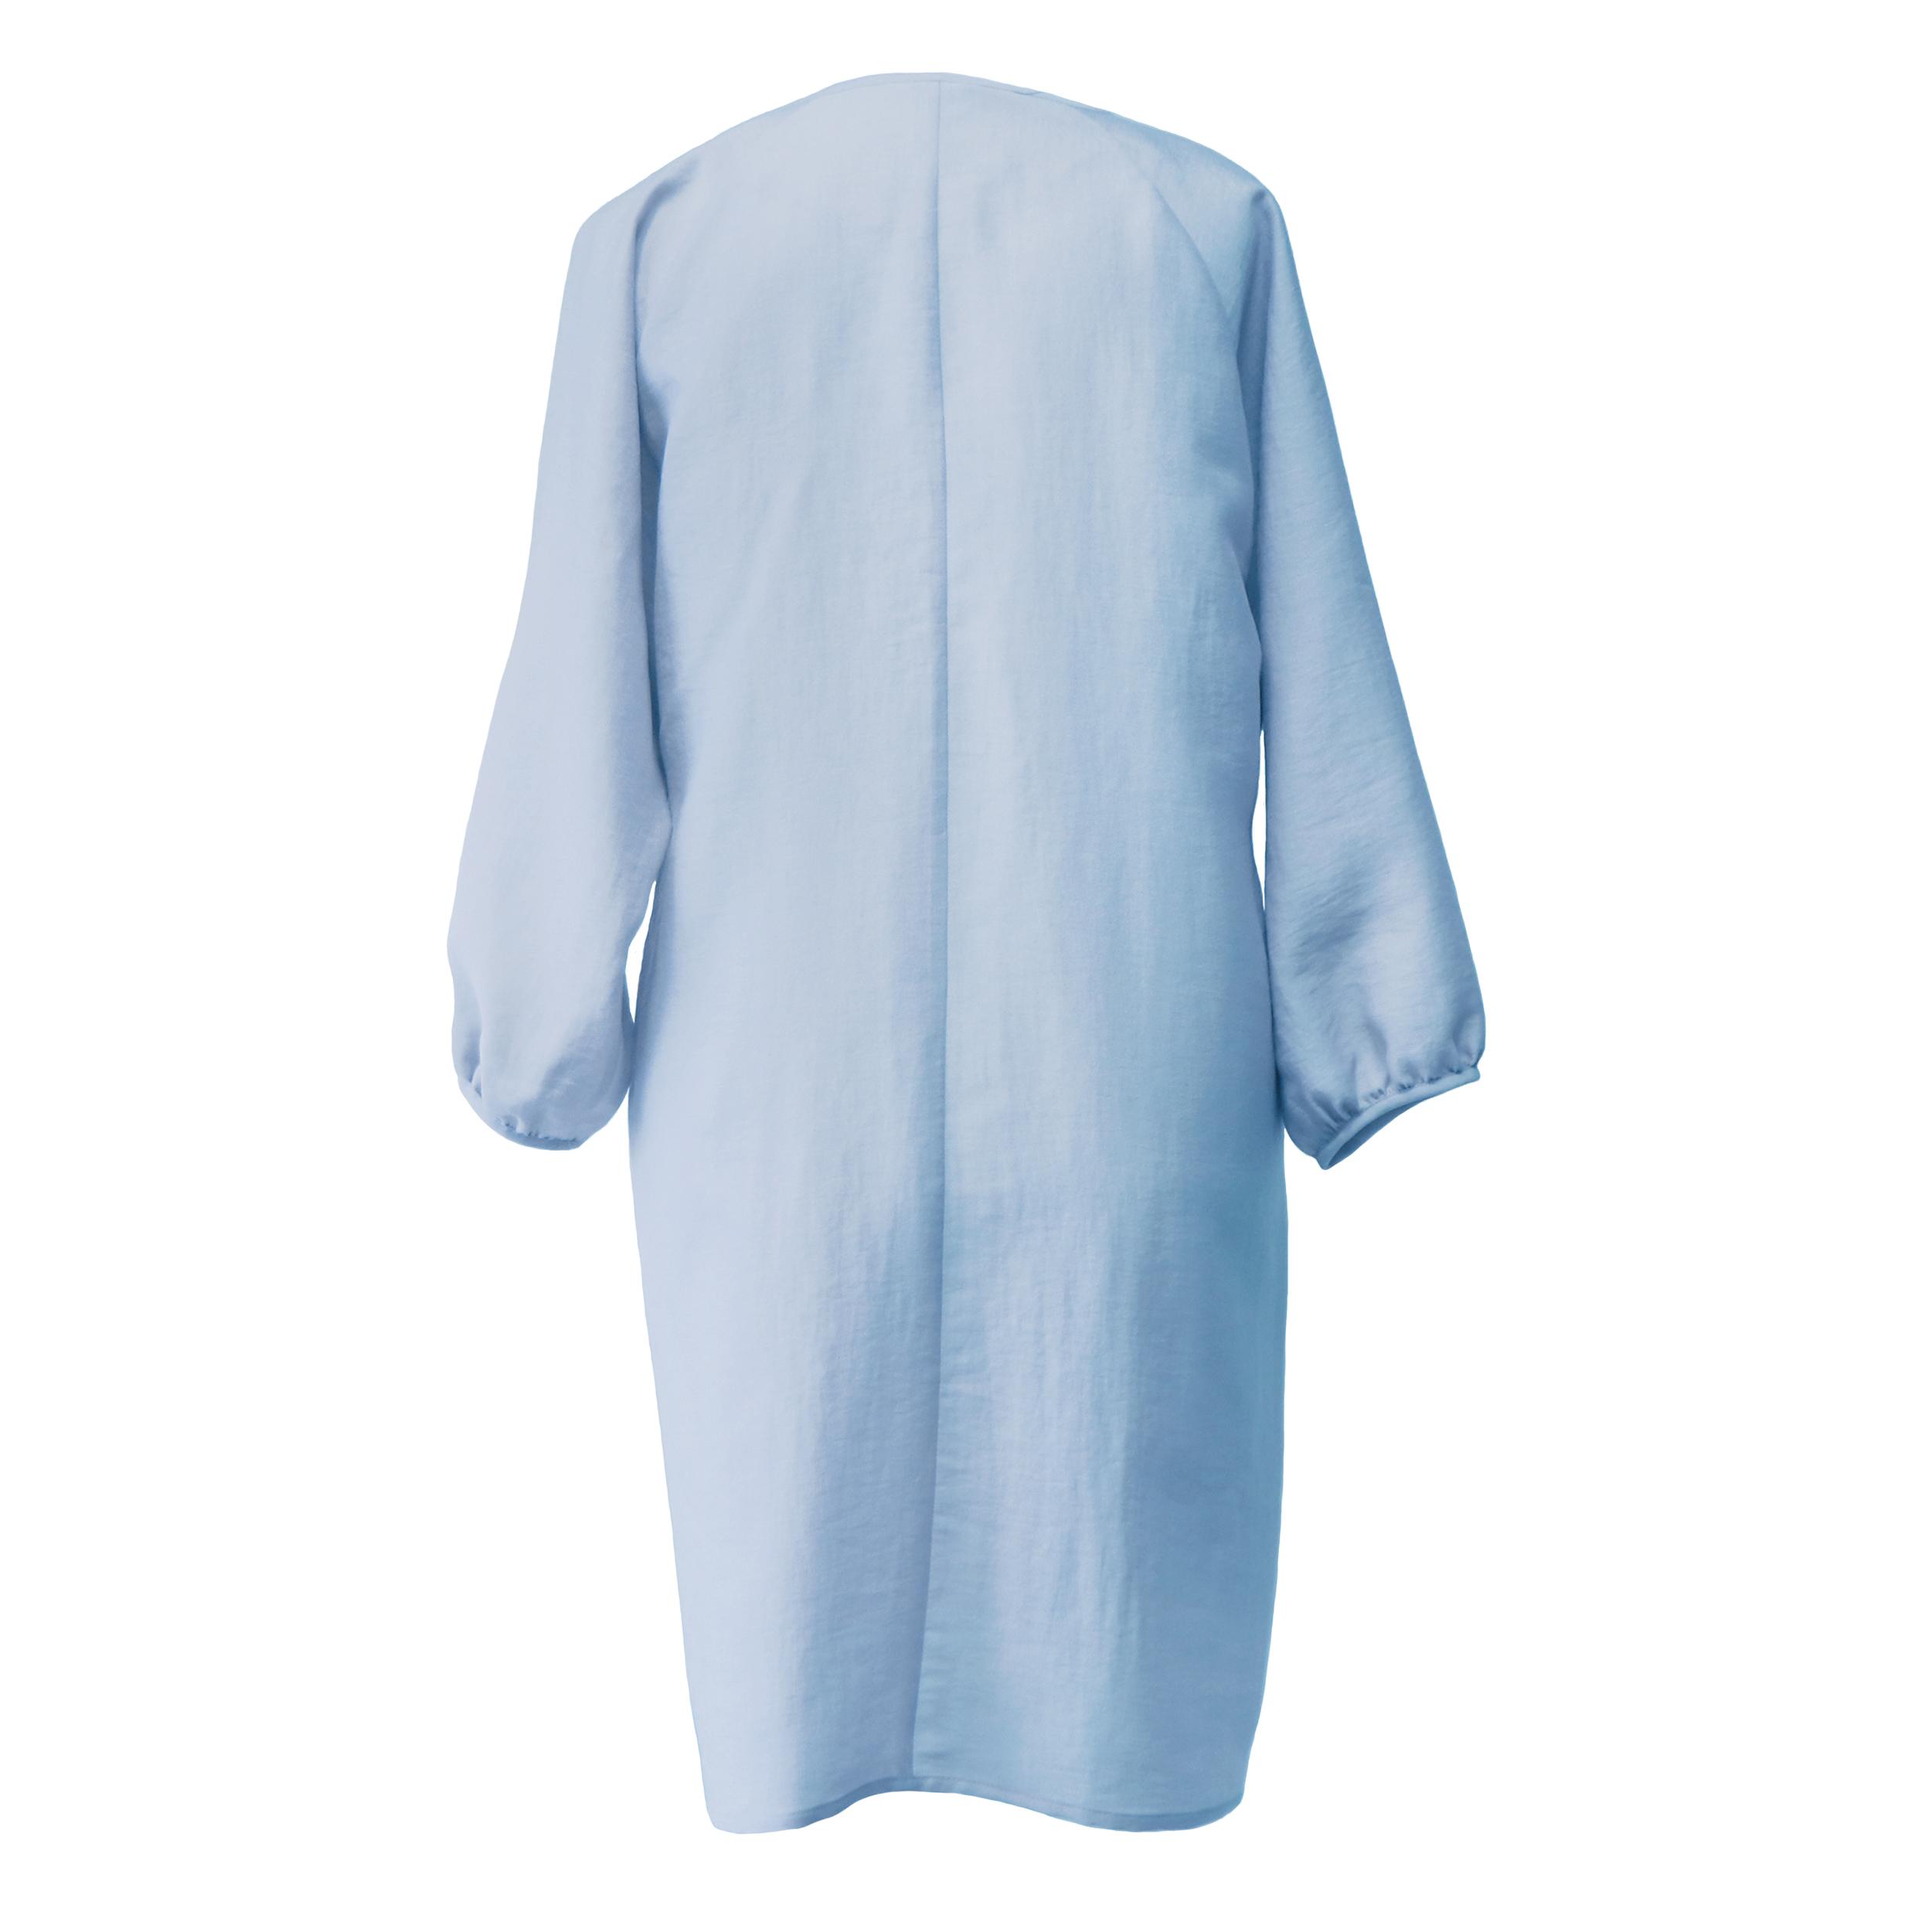 مانتو زنانه دِرِس ایگو کد 1100030 رنگ آبی -  - 2